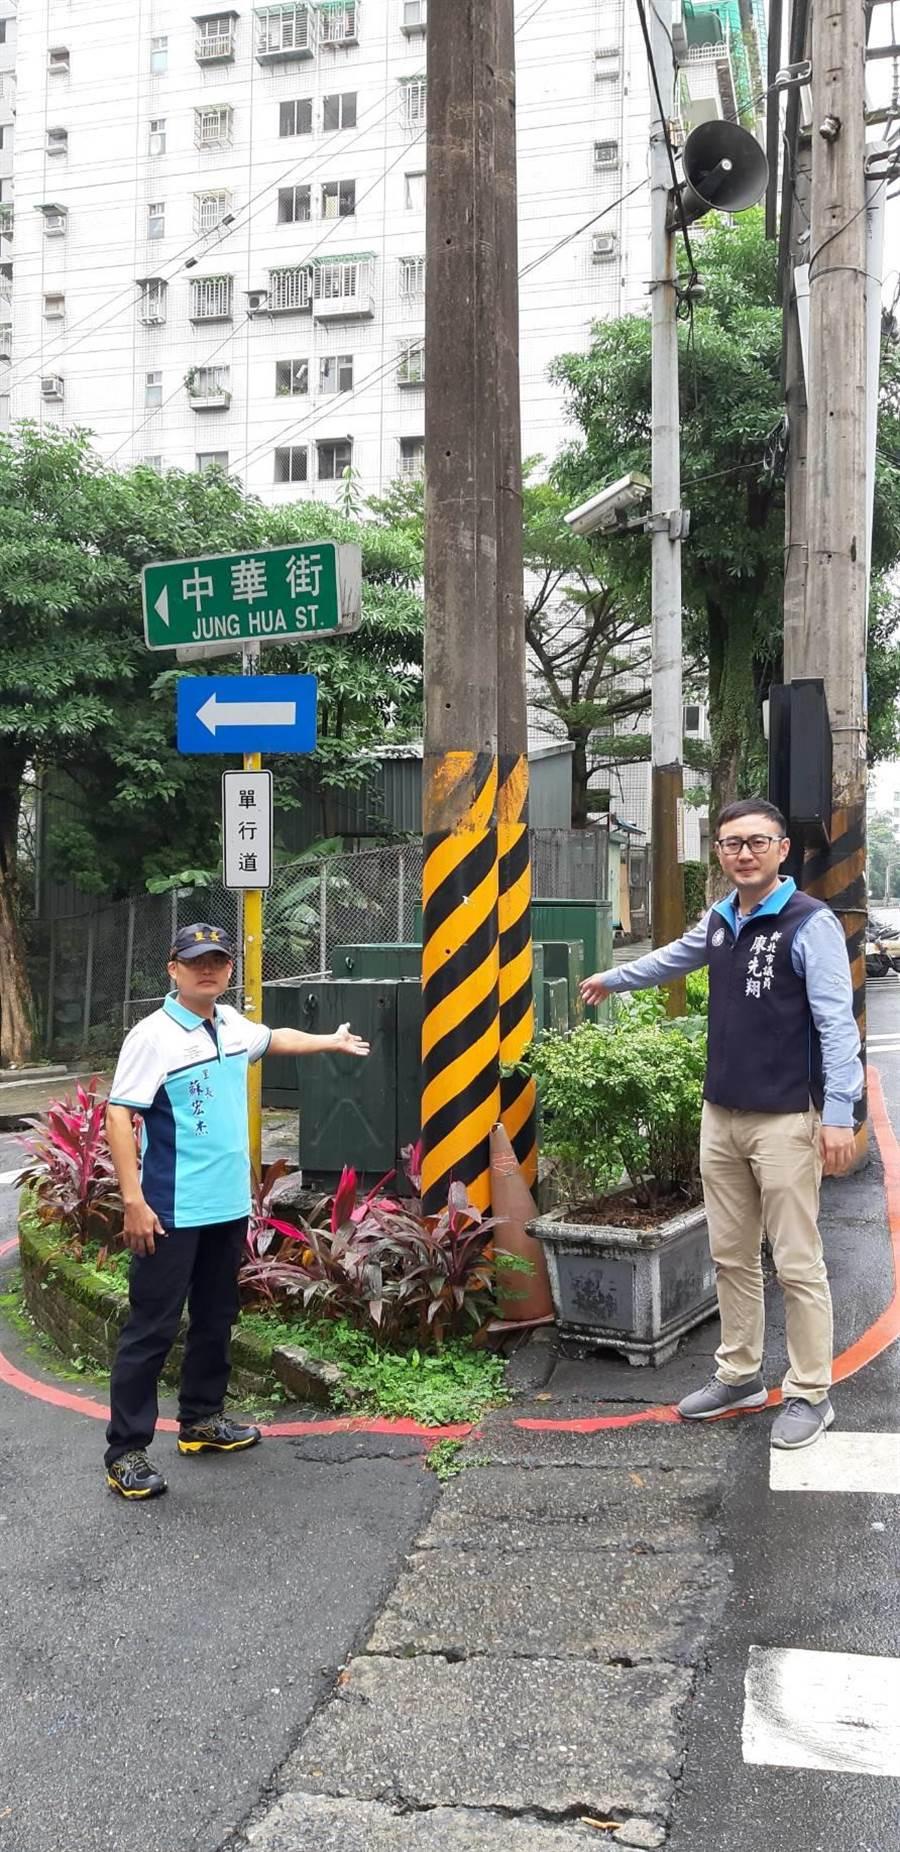 新北市議員廖先翔(右)與汐止崇德里長蘇宏杰(左)希望台電能把茄苳路、中華街口的電線桿退縮,還給行人安全的道路。(張睿廷攝)